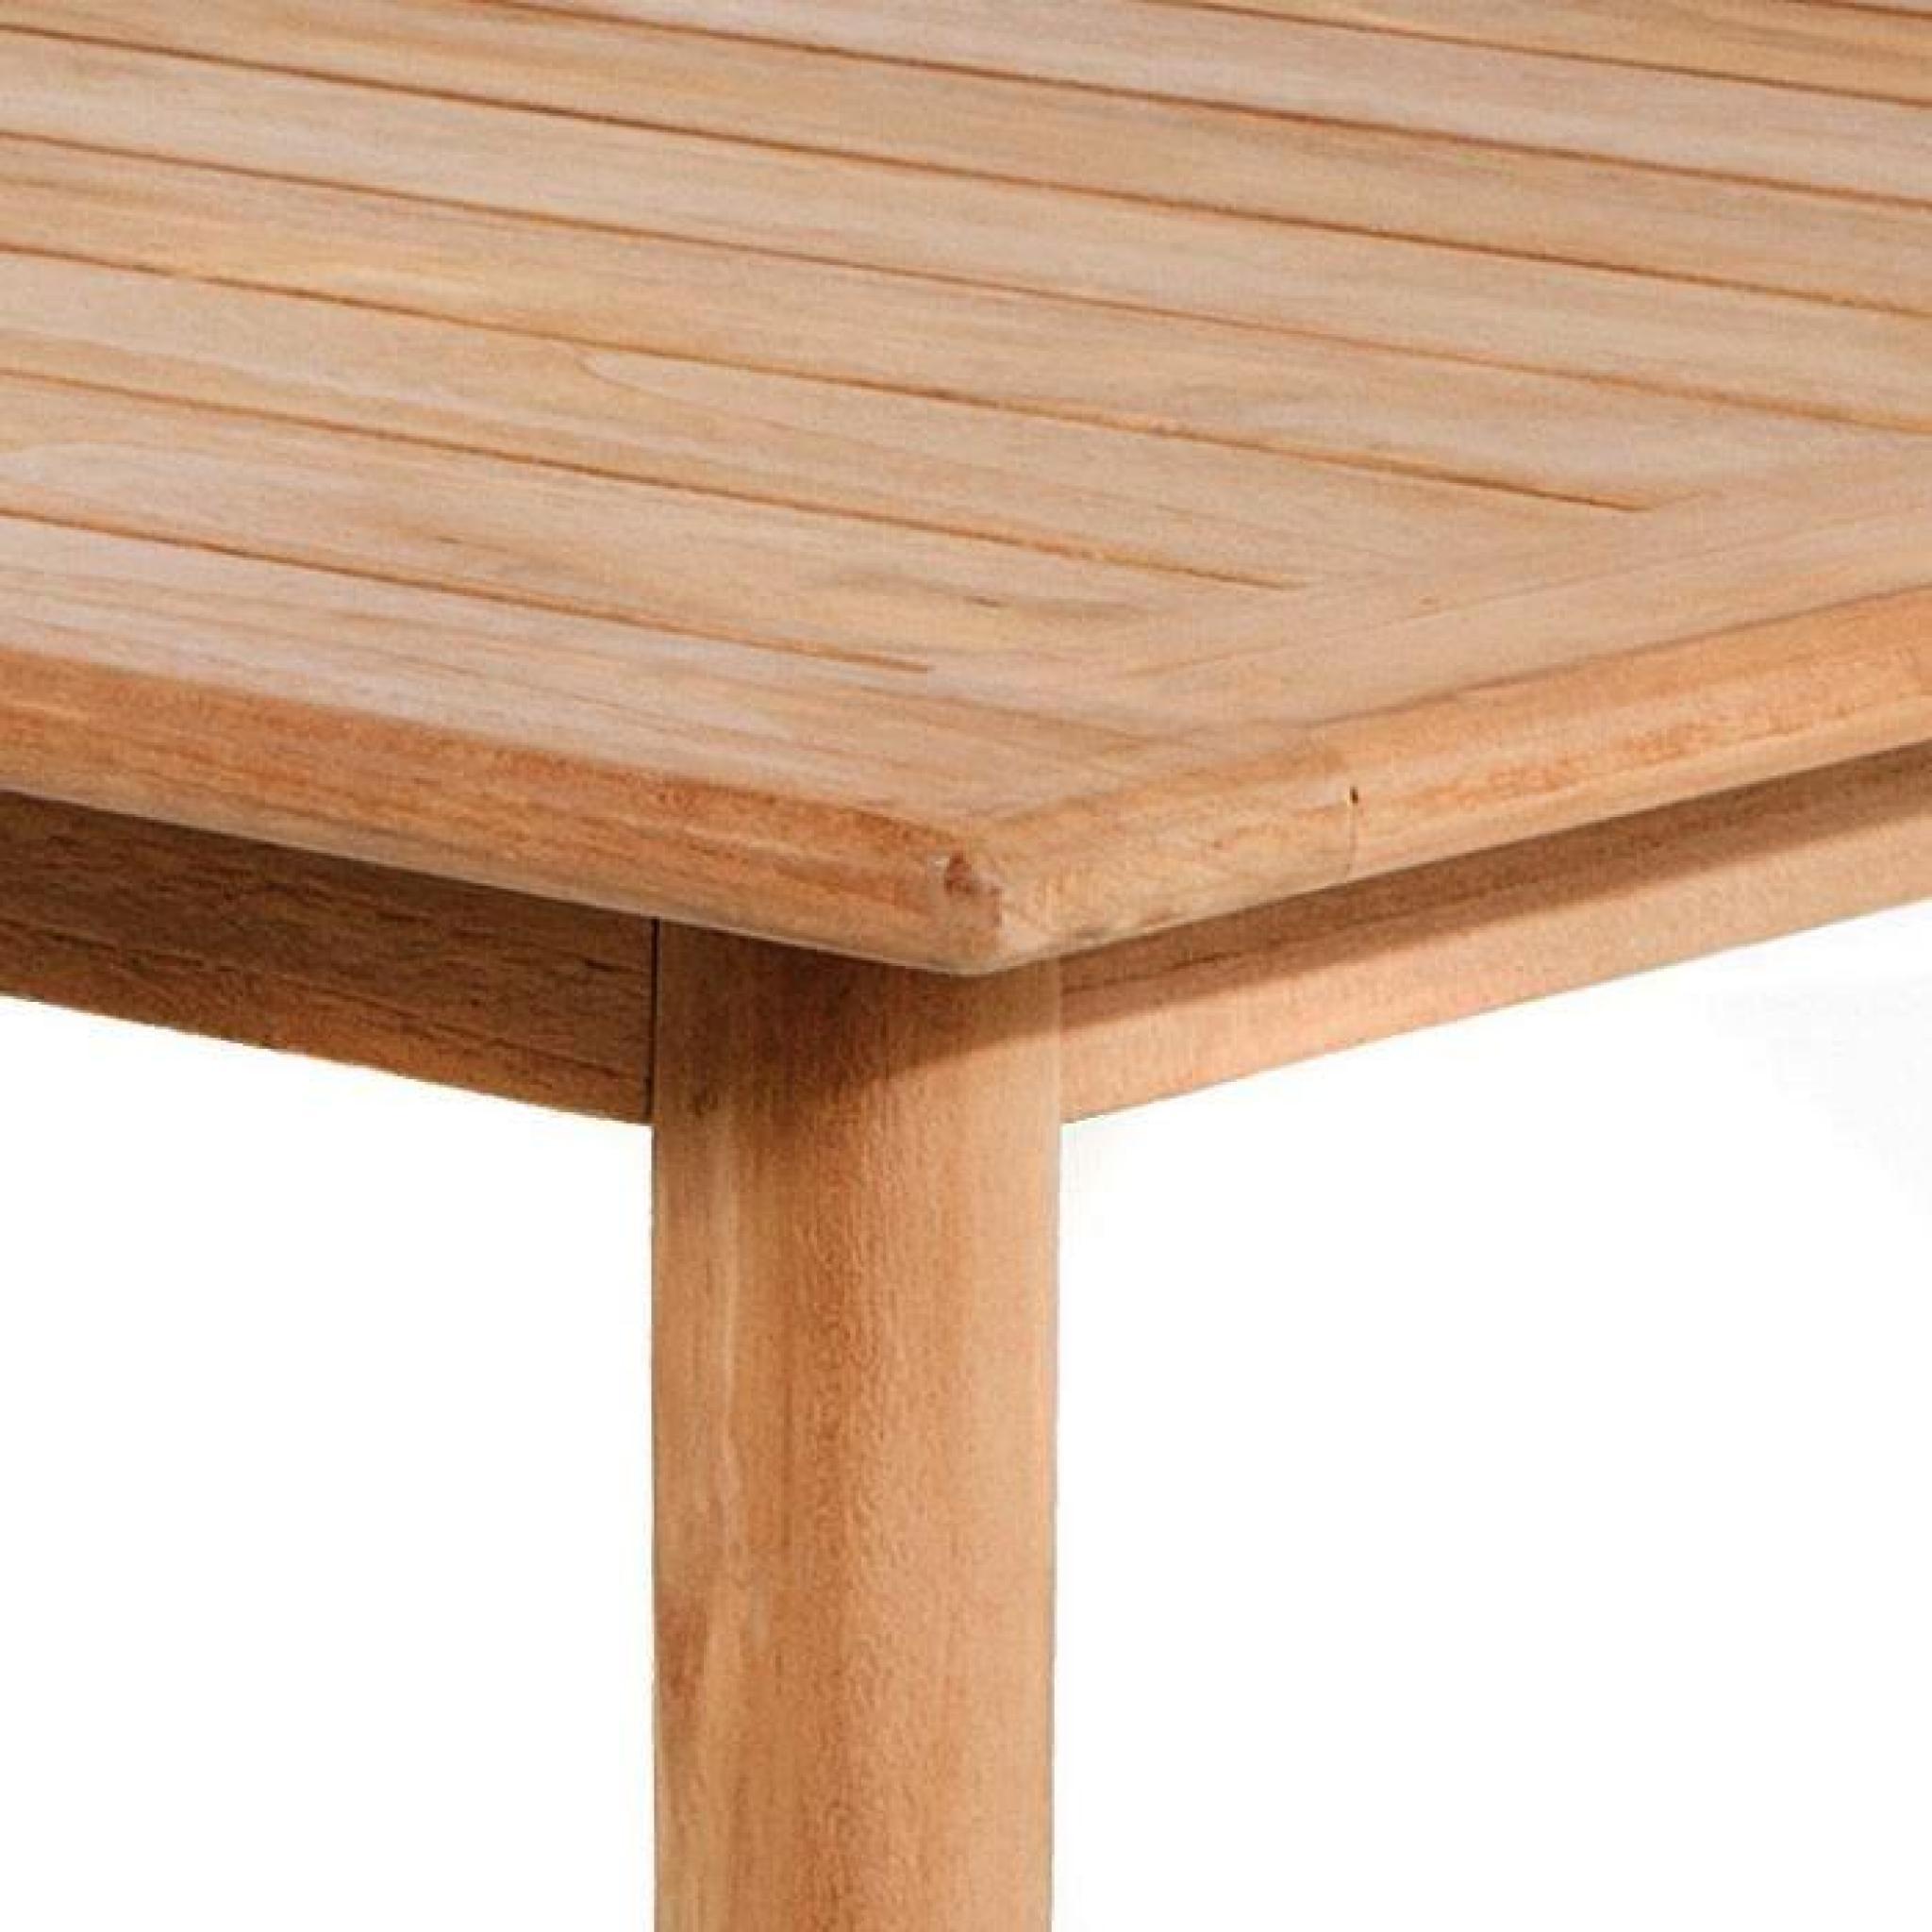 Table en teck massif recyclé 160 x 90 cm Sudbury